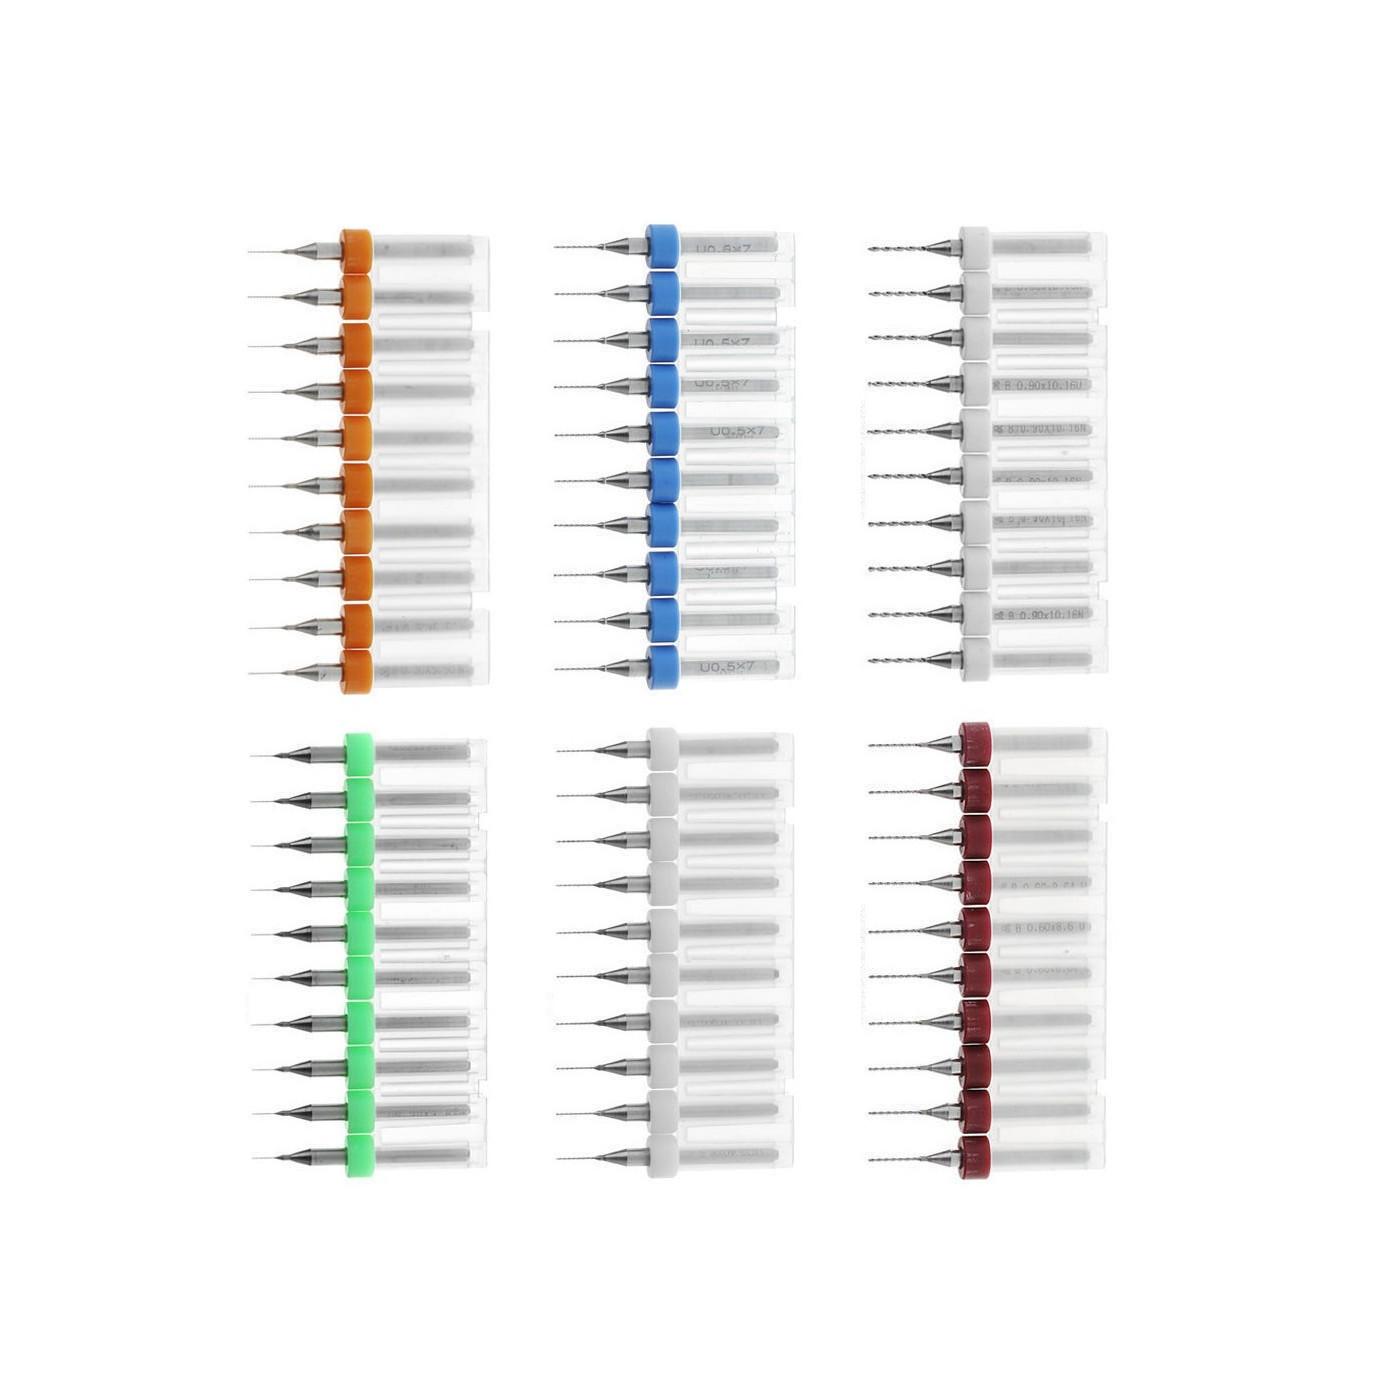 Ensemble de 10 micro forets dans une boîte (0,45 mm)